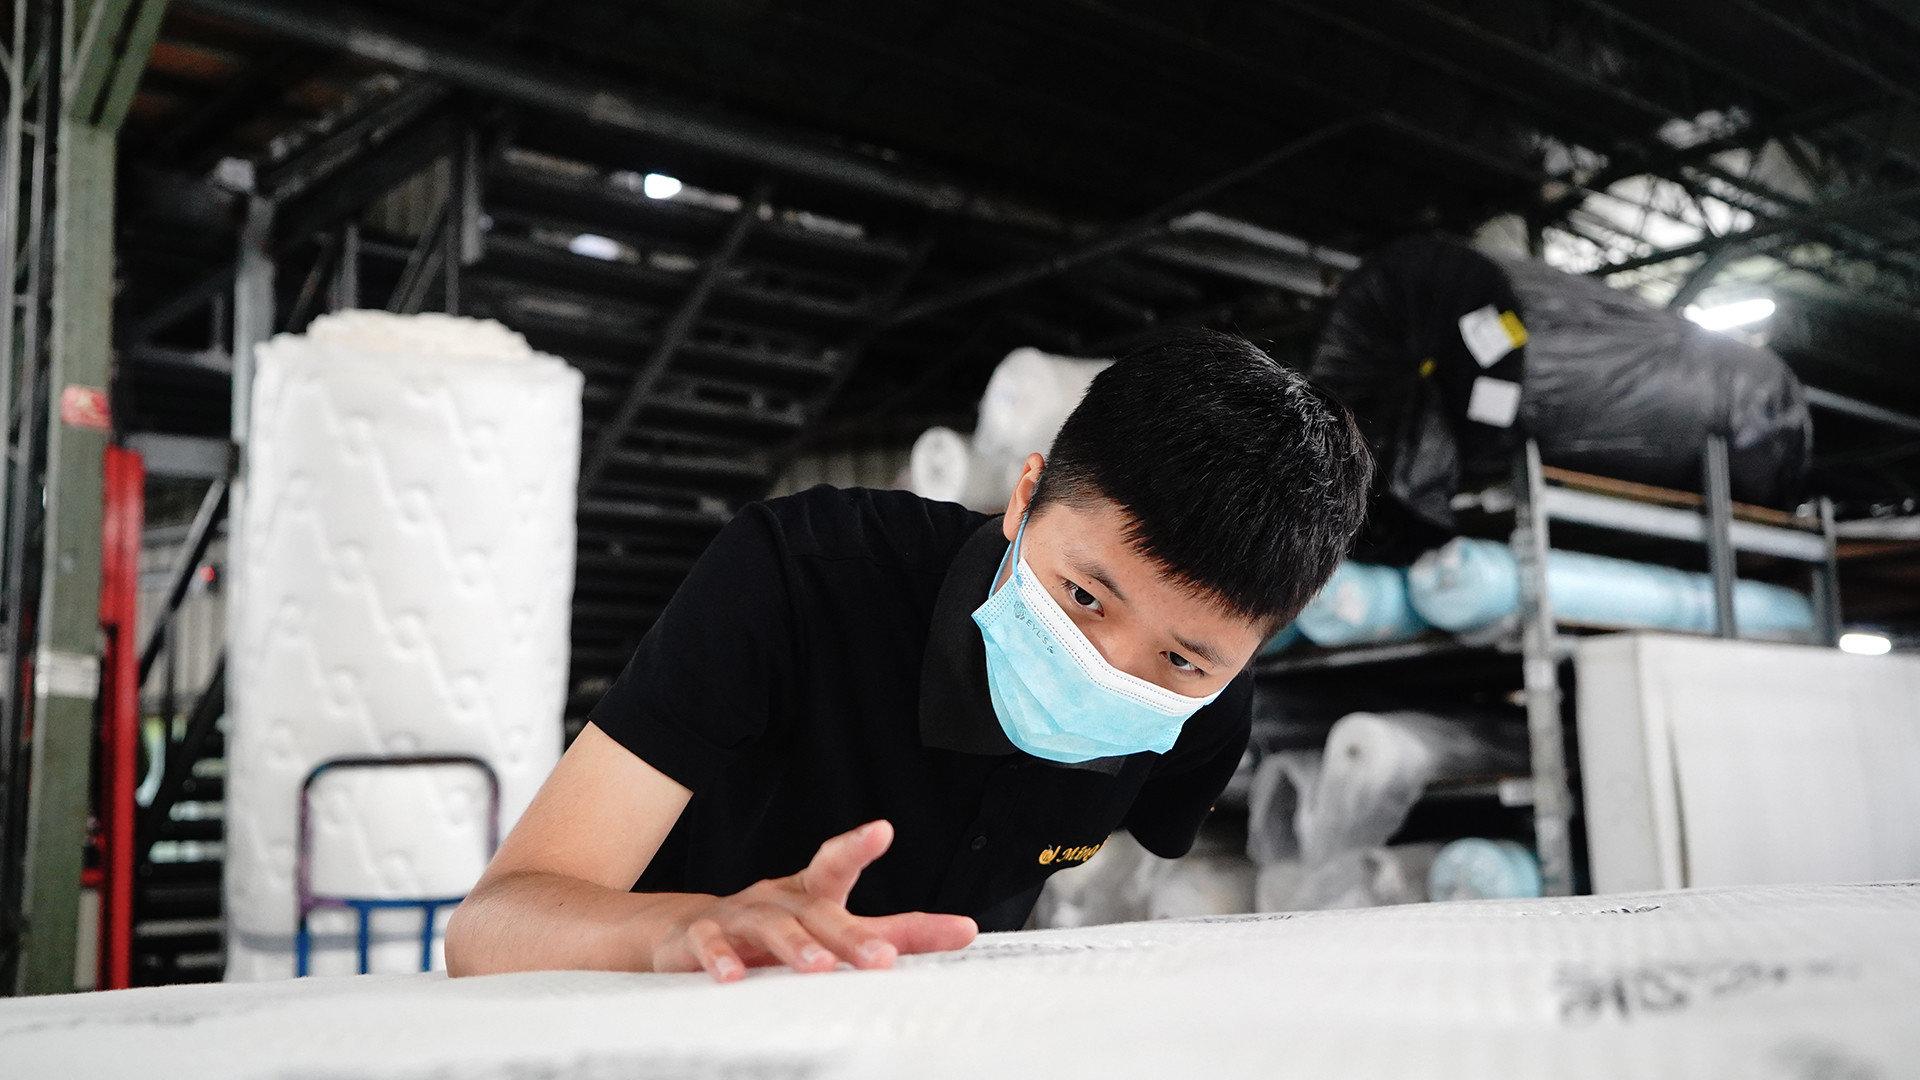 明久家具,沙發、床墊工廠直營品牌,為產品品質把關